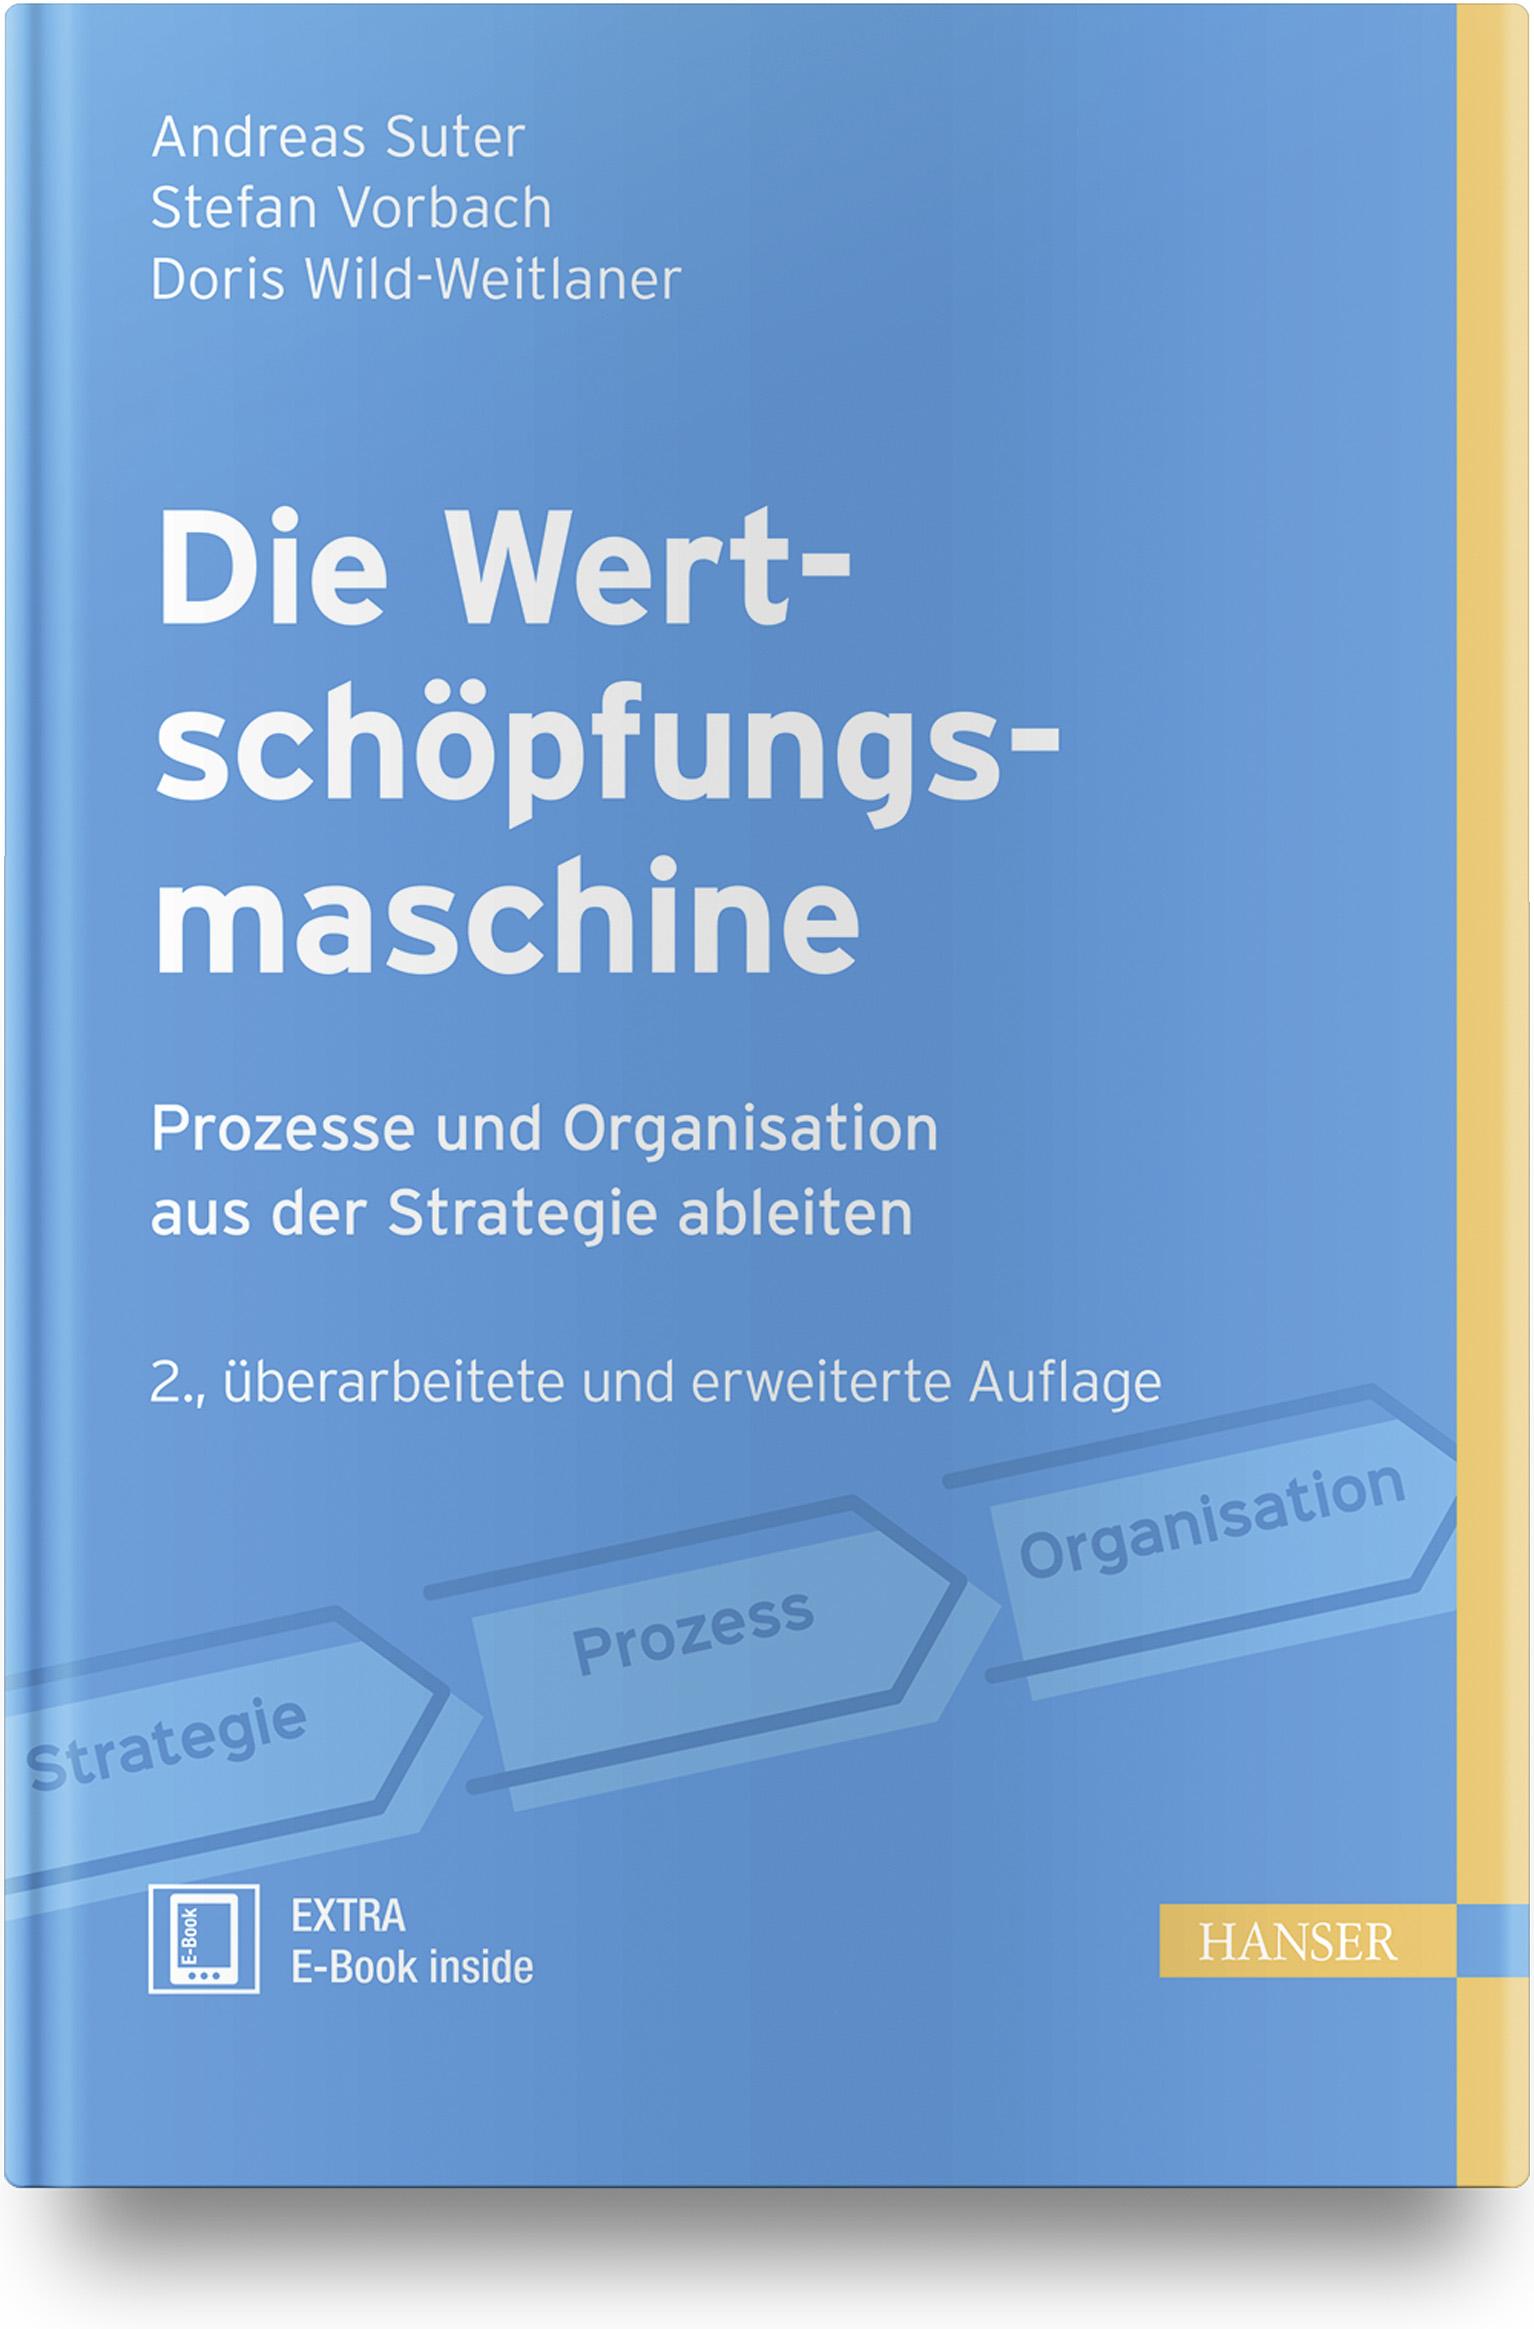 Suter, Vorbach, Wild-Weitlaner, Die Wertschöpfungsmaschine - Prozesse und Organisation aus der Strategie ableiten, 978-3-446-45637-2